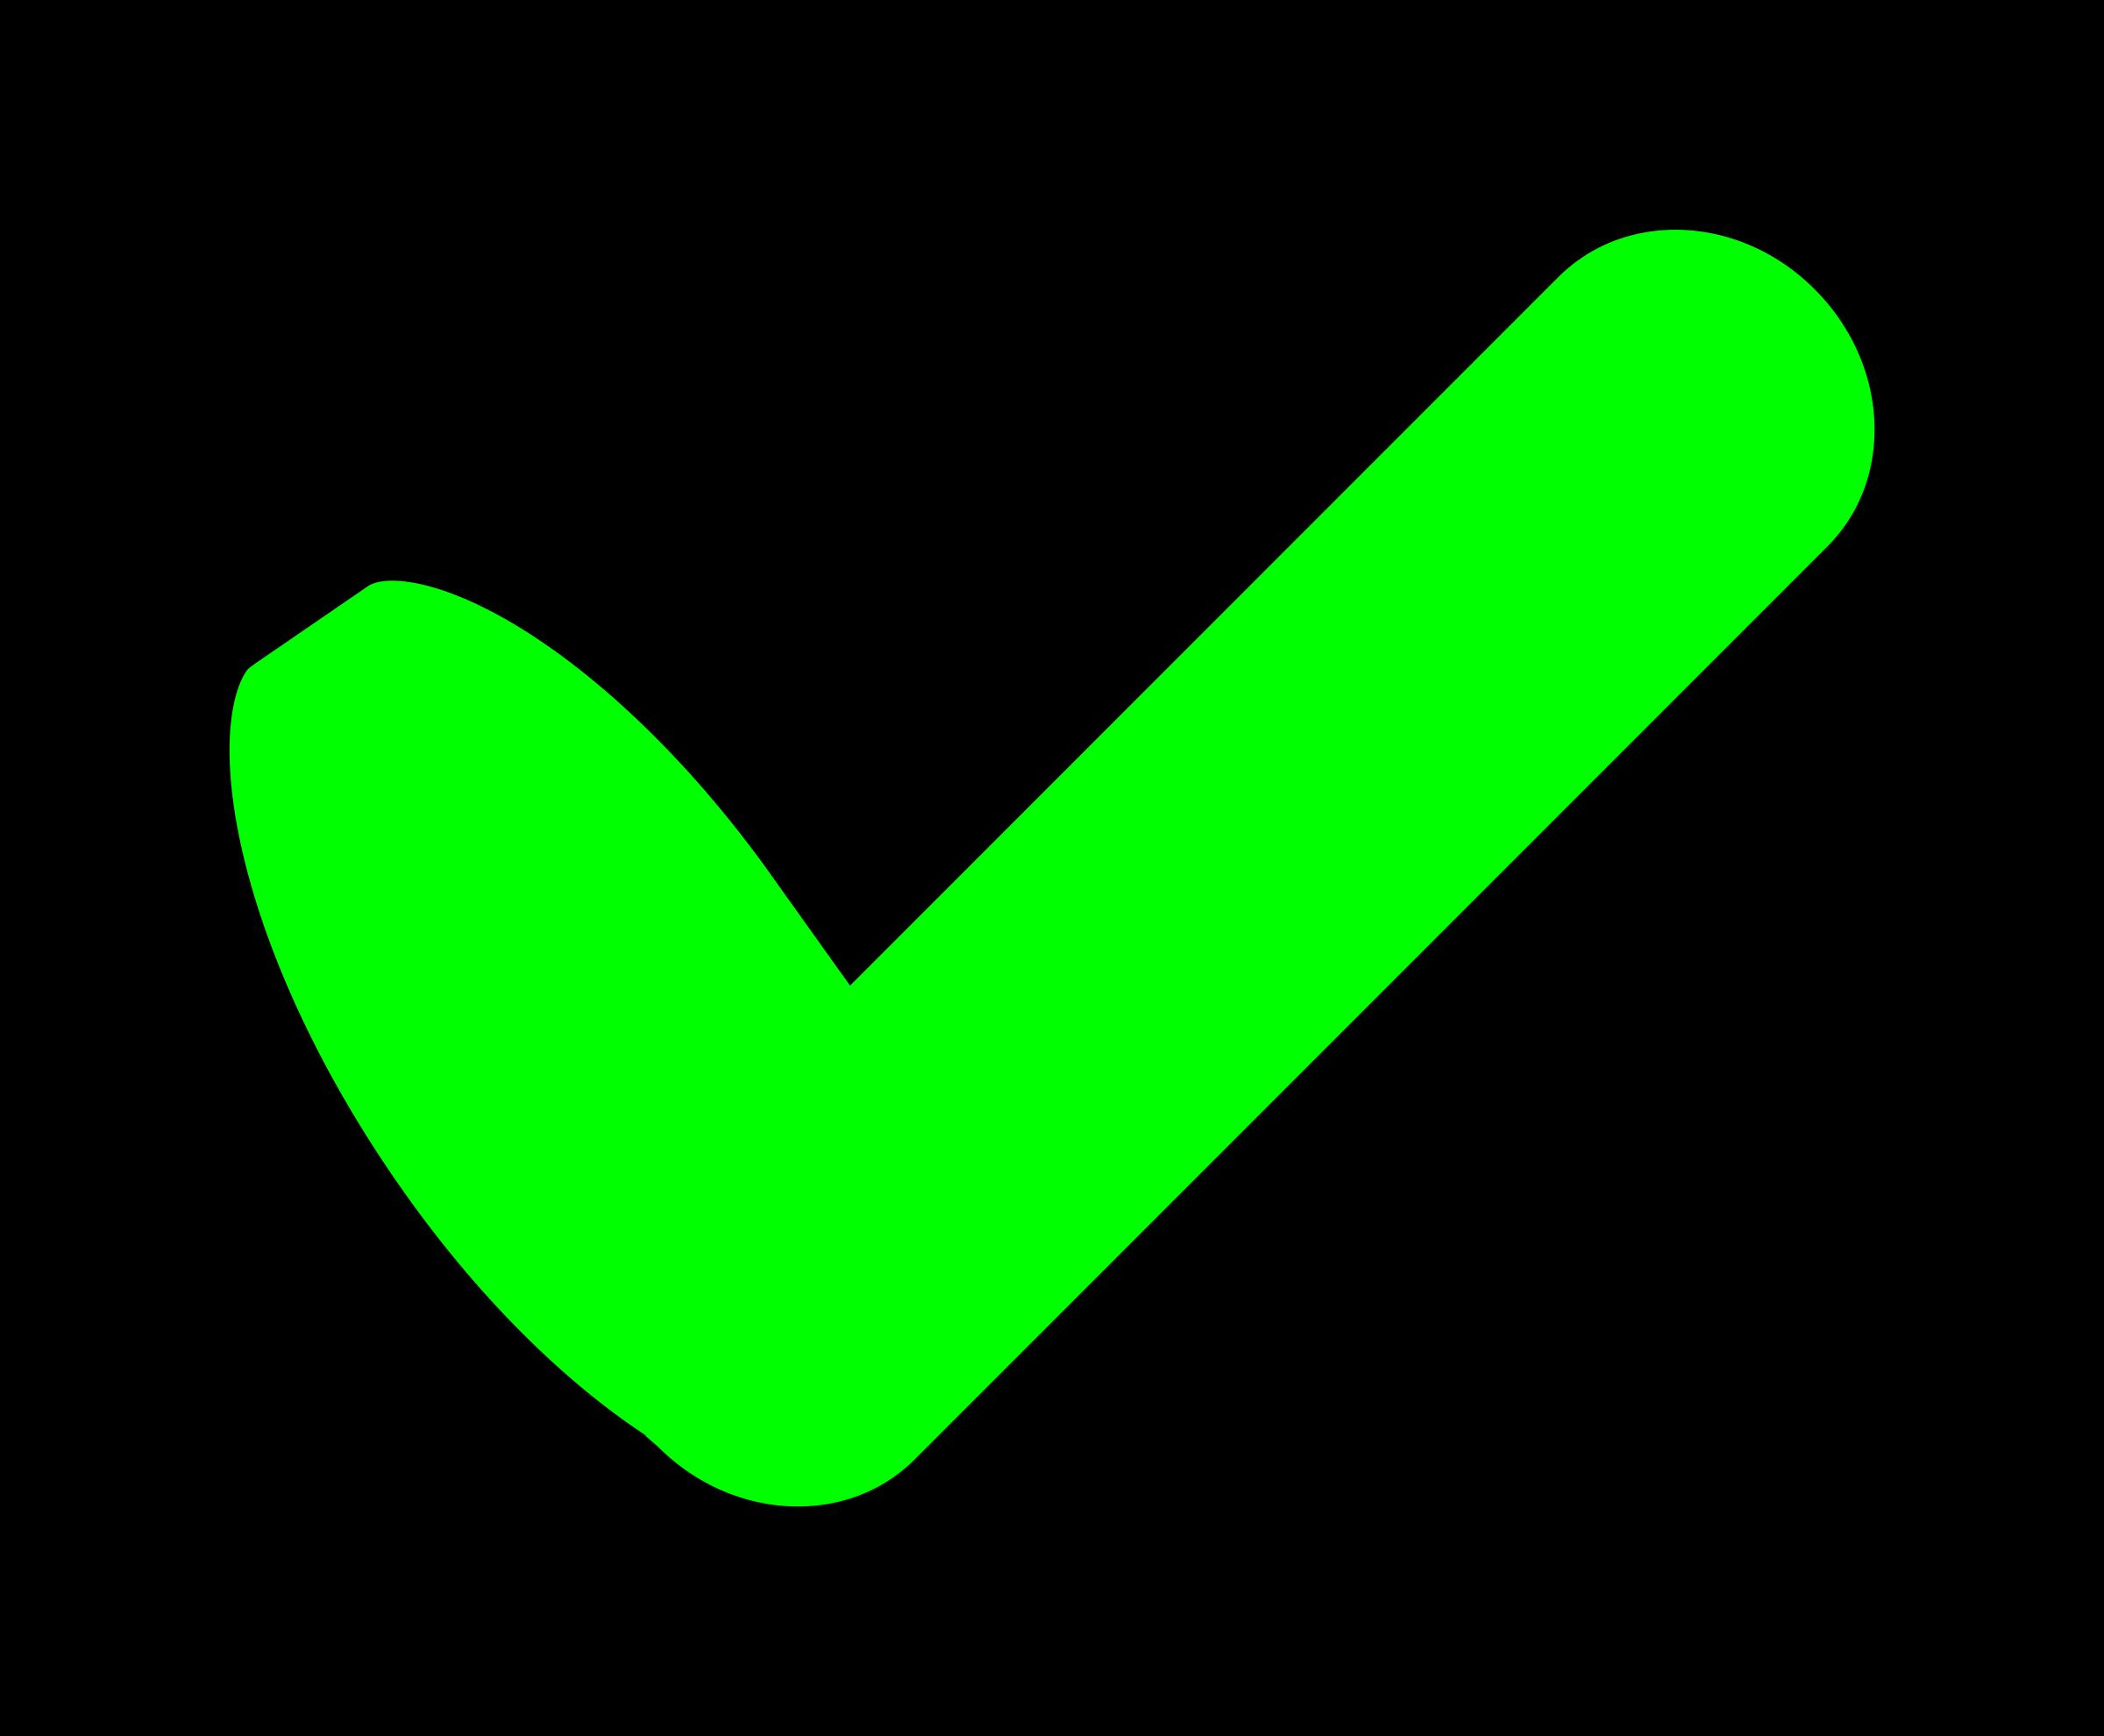 Check clipart correct Tick Clipart ClipartBarn Green clipart